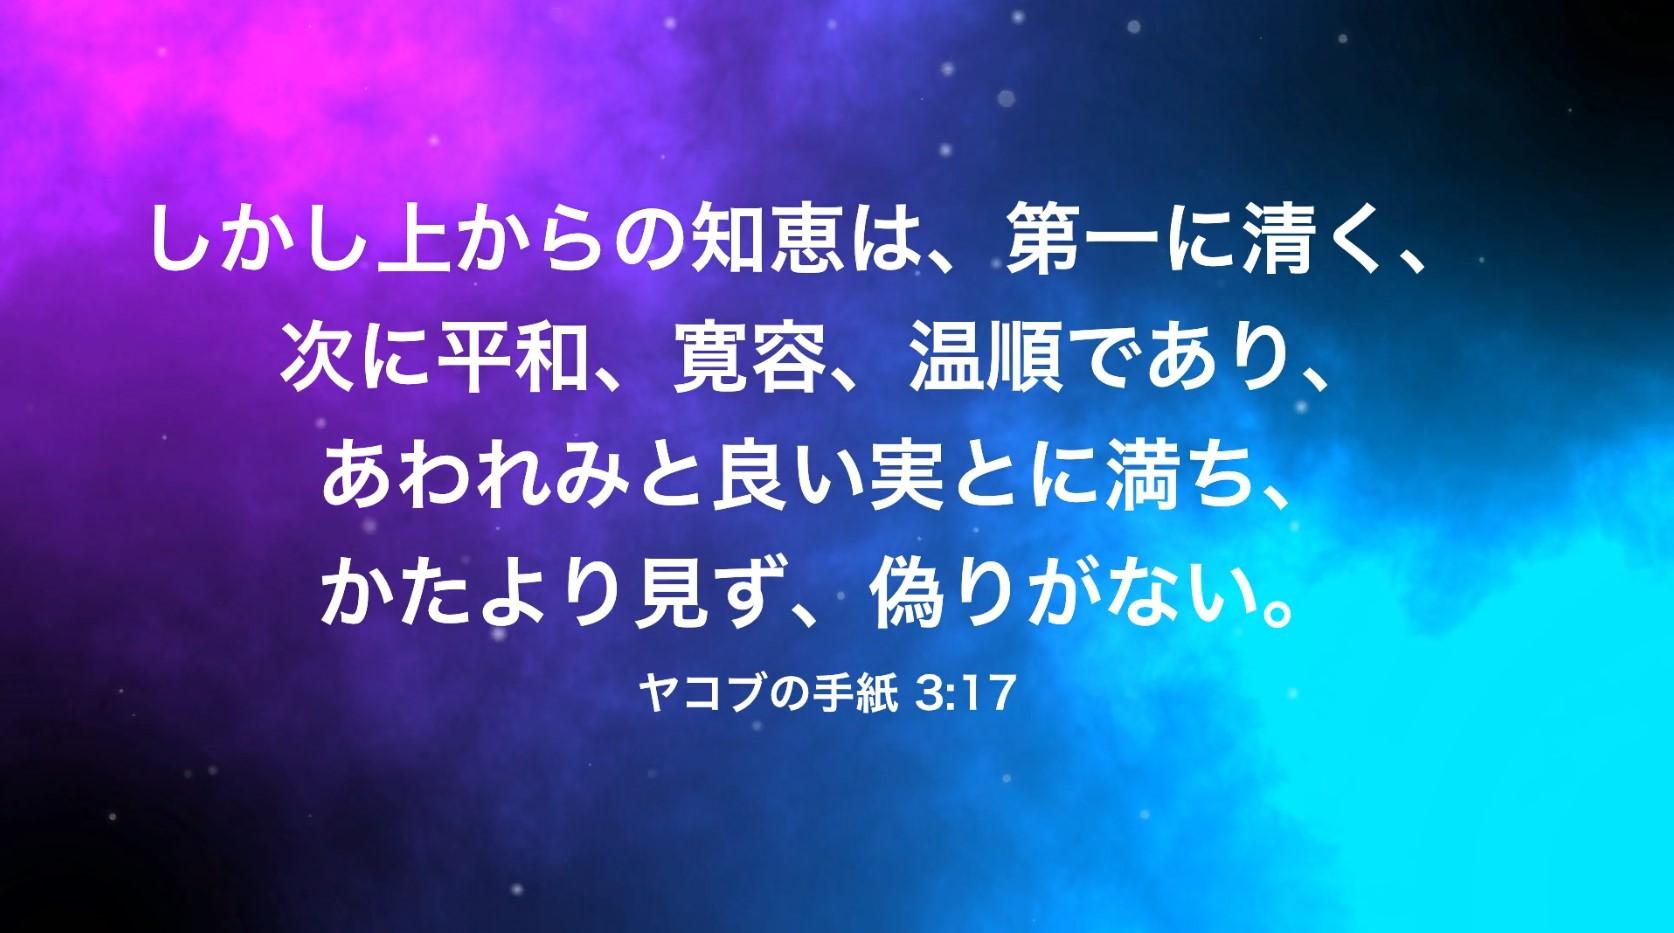 ヤコブの手紙・3:17c・平和 #3